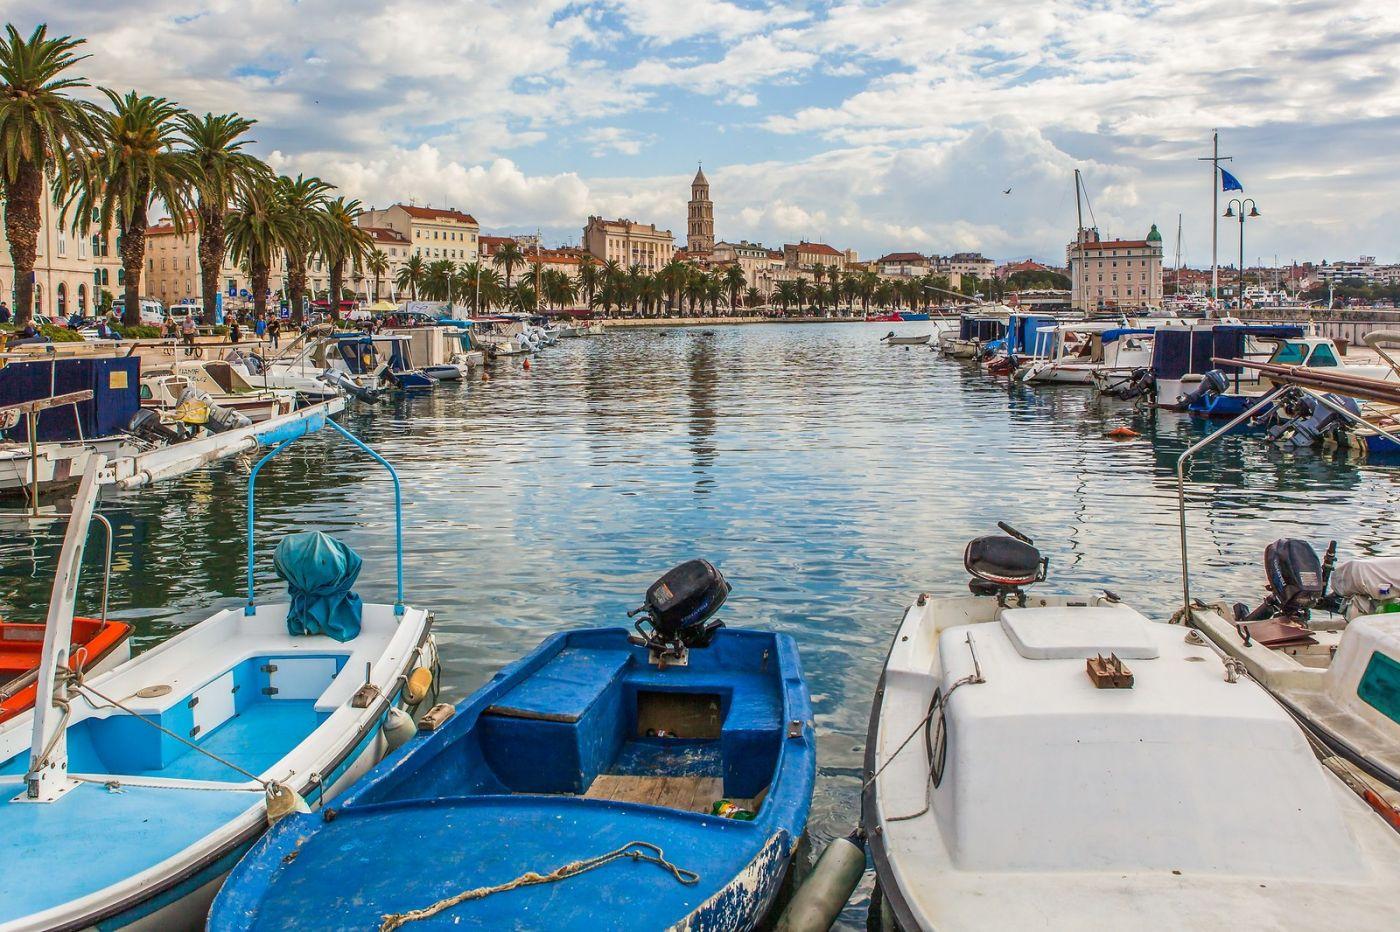 克罗地亚斯普利特(Split),美丽海滨城市_图1-15